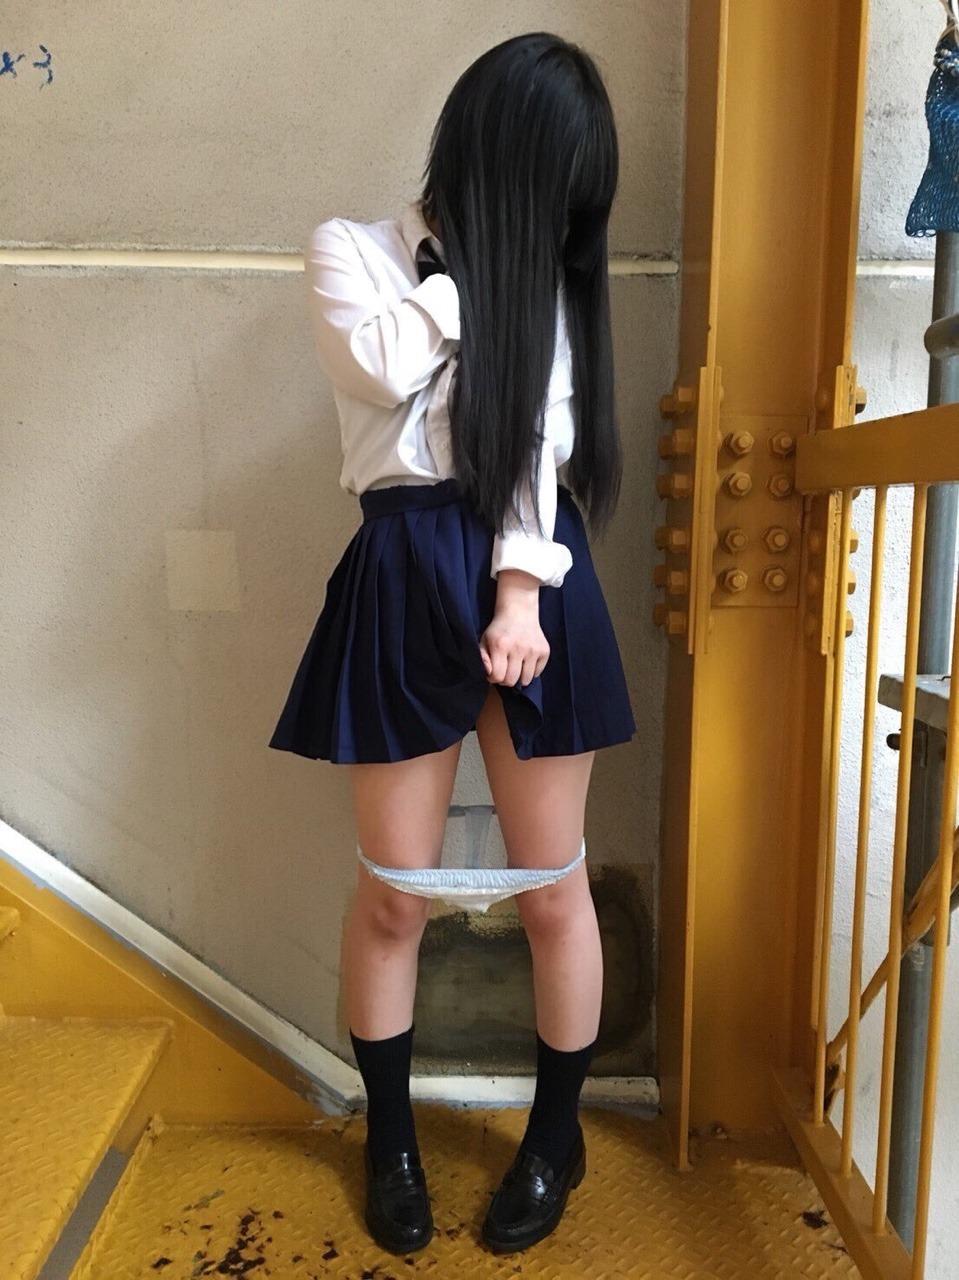 こんな寒い中ミニスカートで太もも・パンツを晒すJKさんwwwwwwwwwww 66Gi5lV